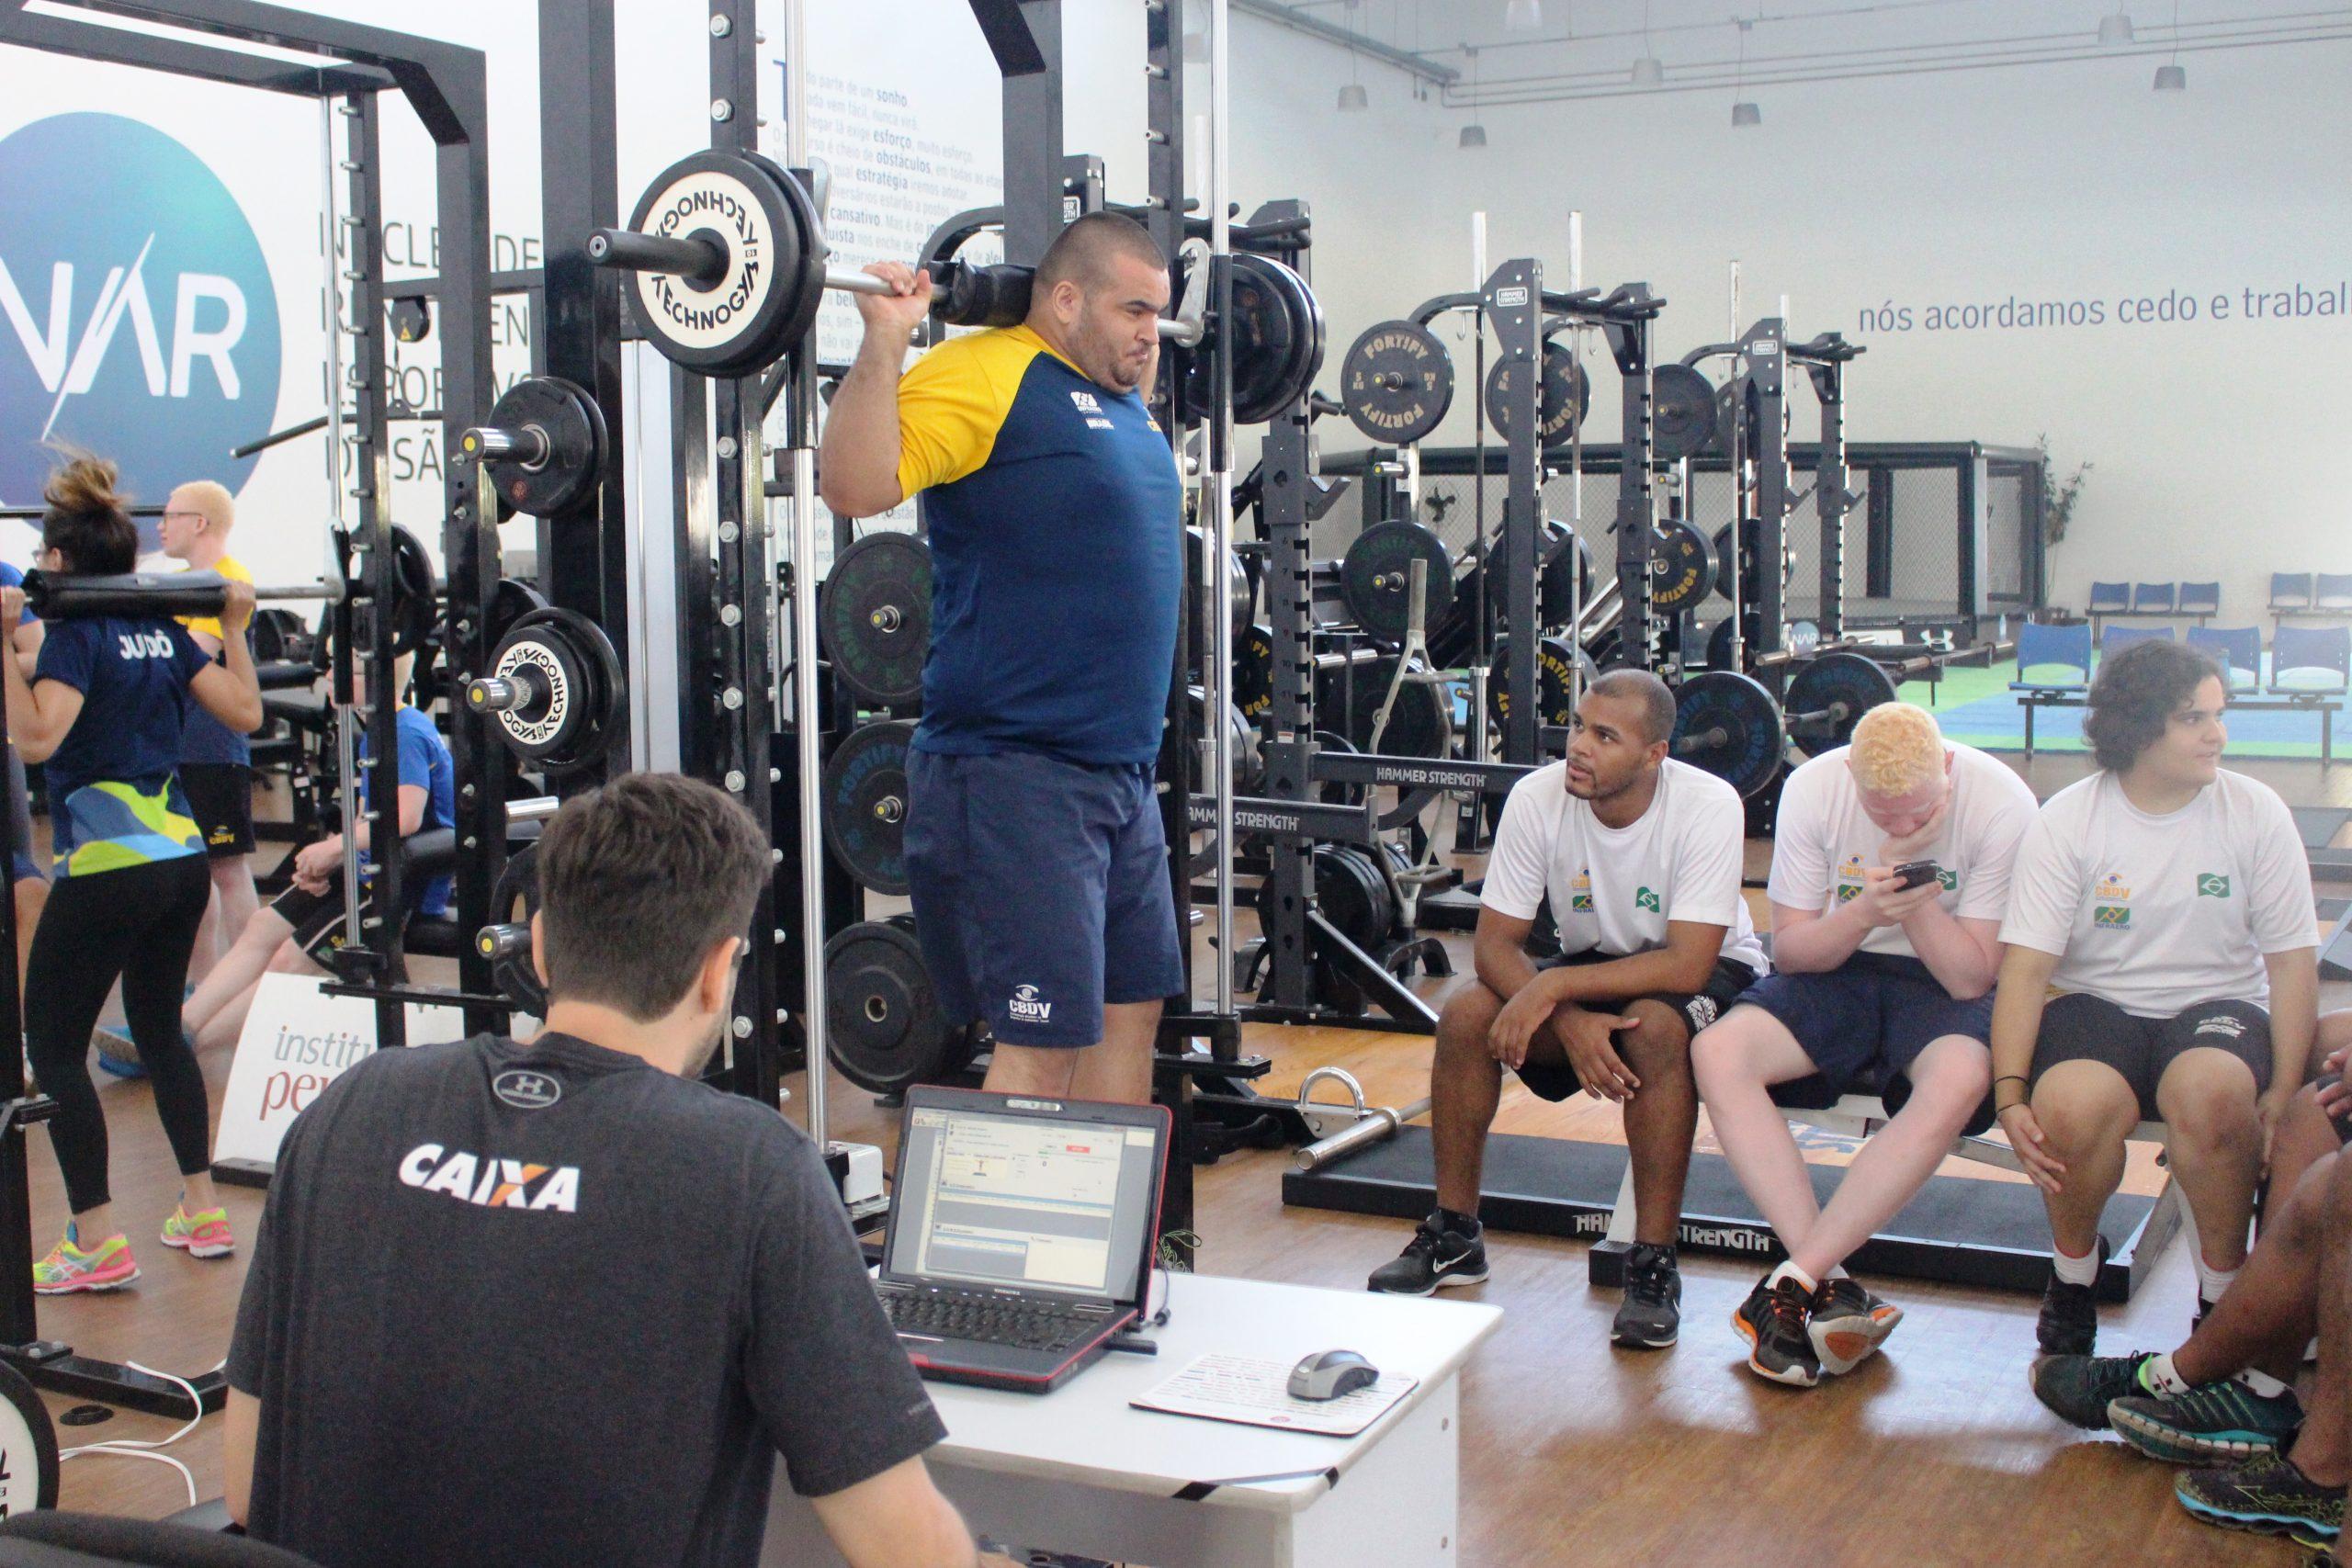 Com a cabeça no Mundial em outubro, seleção paralímpica de judô continua preparação no NAR